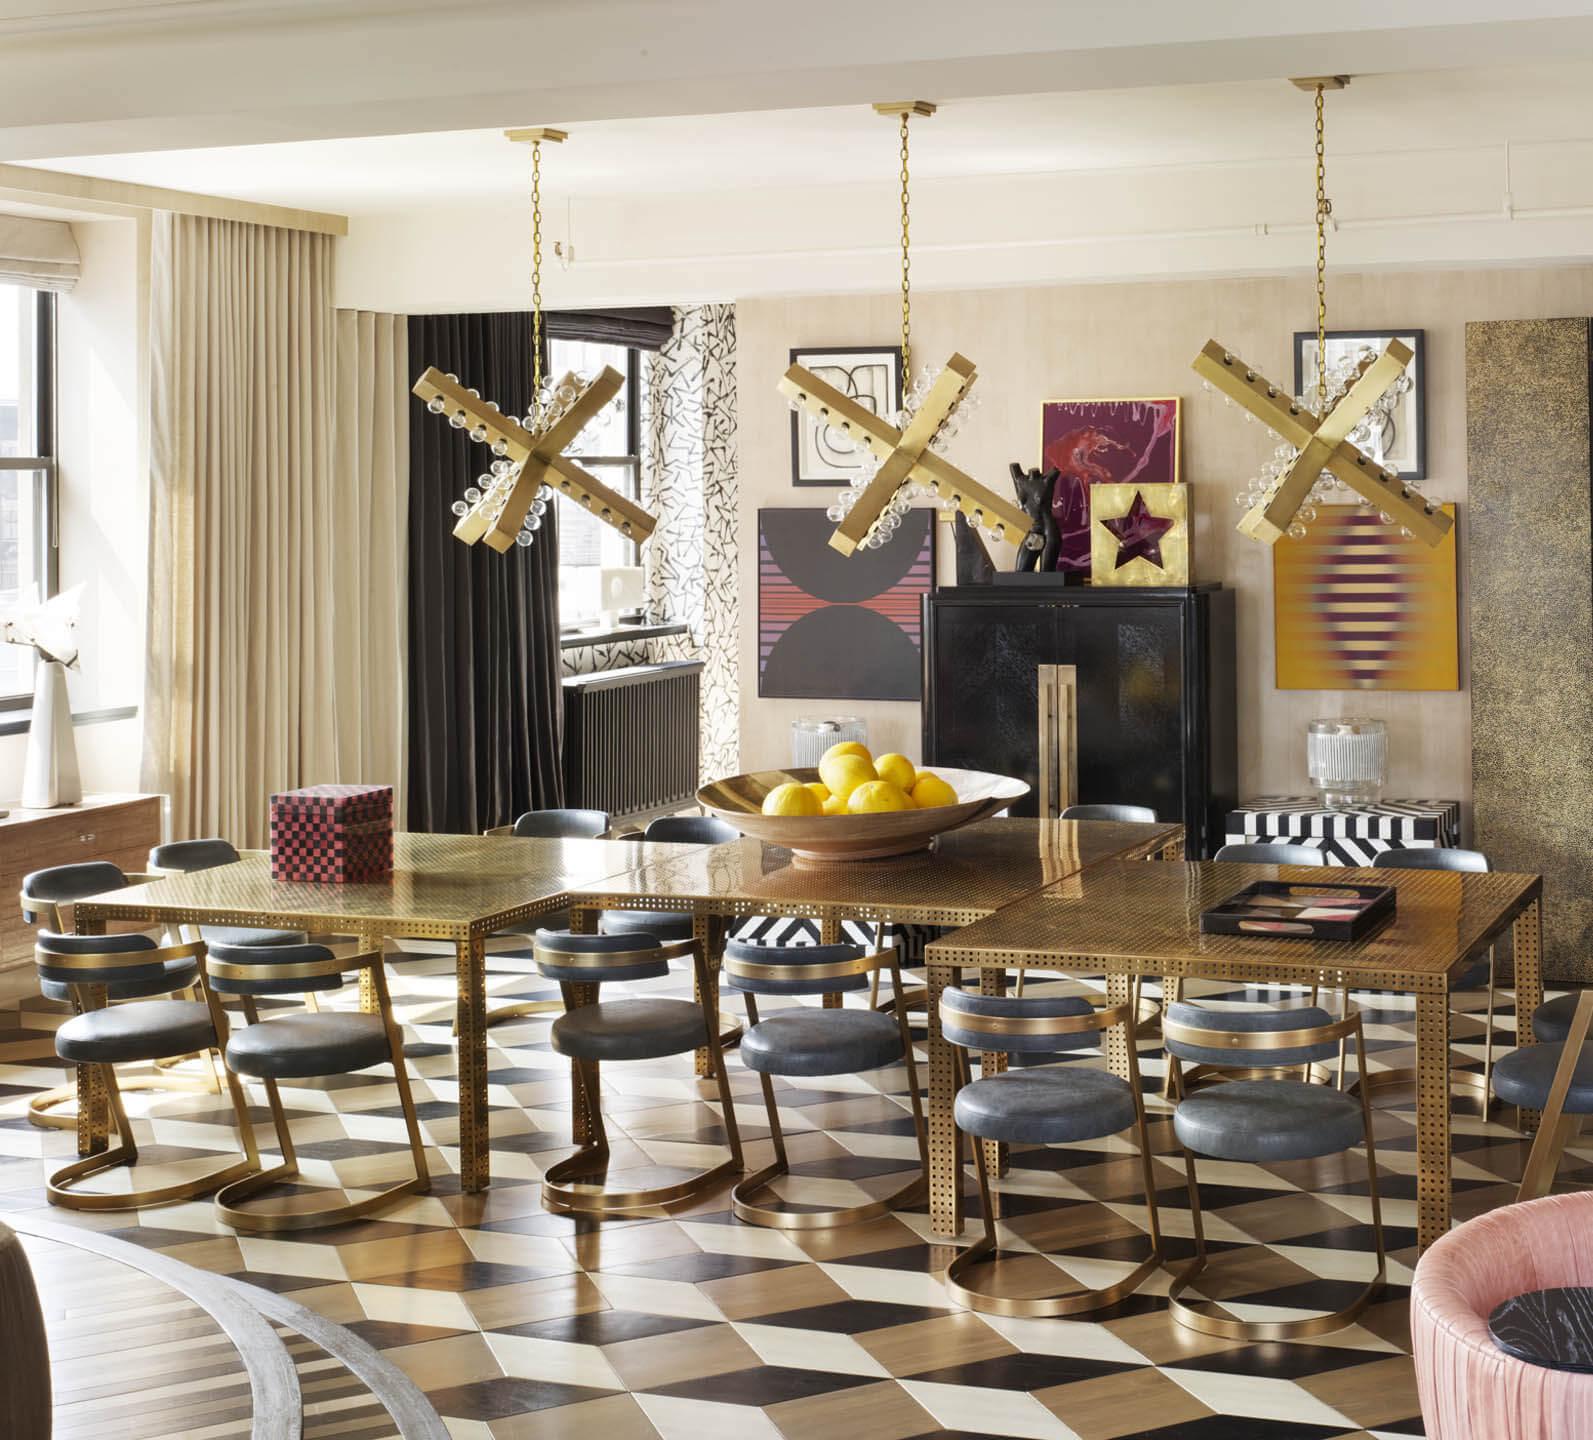 Glamorous Interior Design By Kelly Wearstler: Kelly Wearstler Online Store: Kelly Wearstler Interior